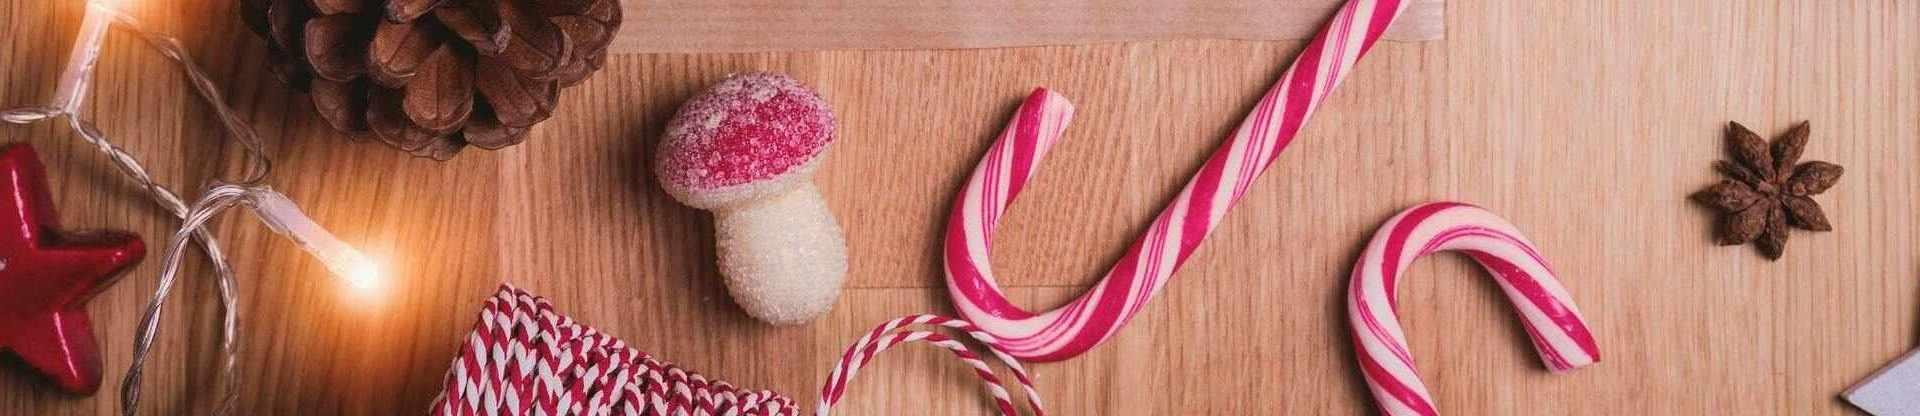 recetas fáciles de entrantes para Navidad - Glovo